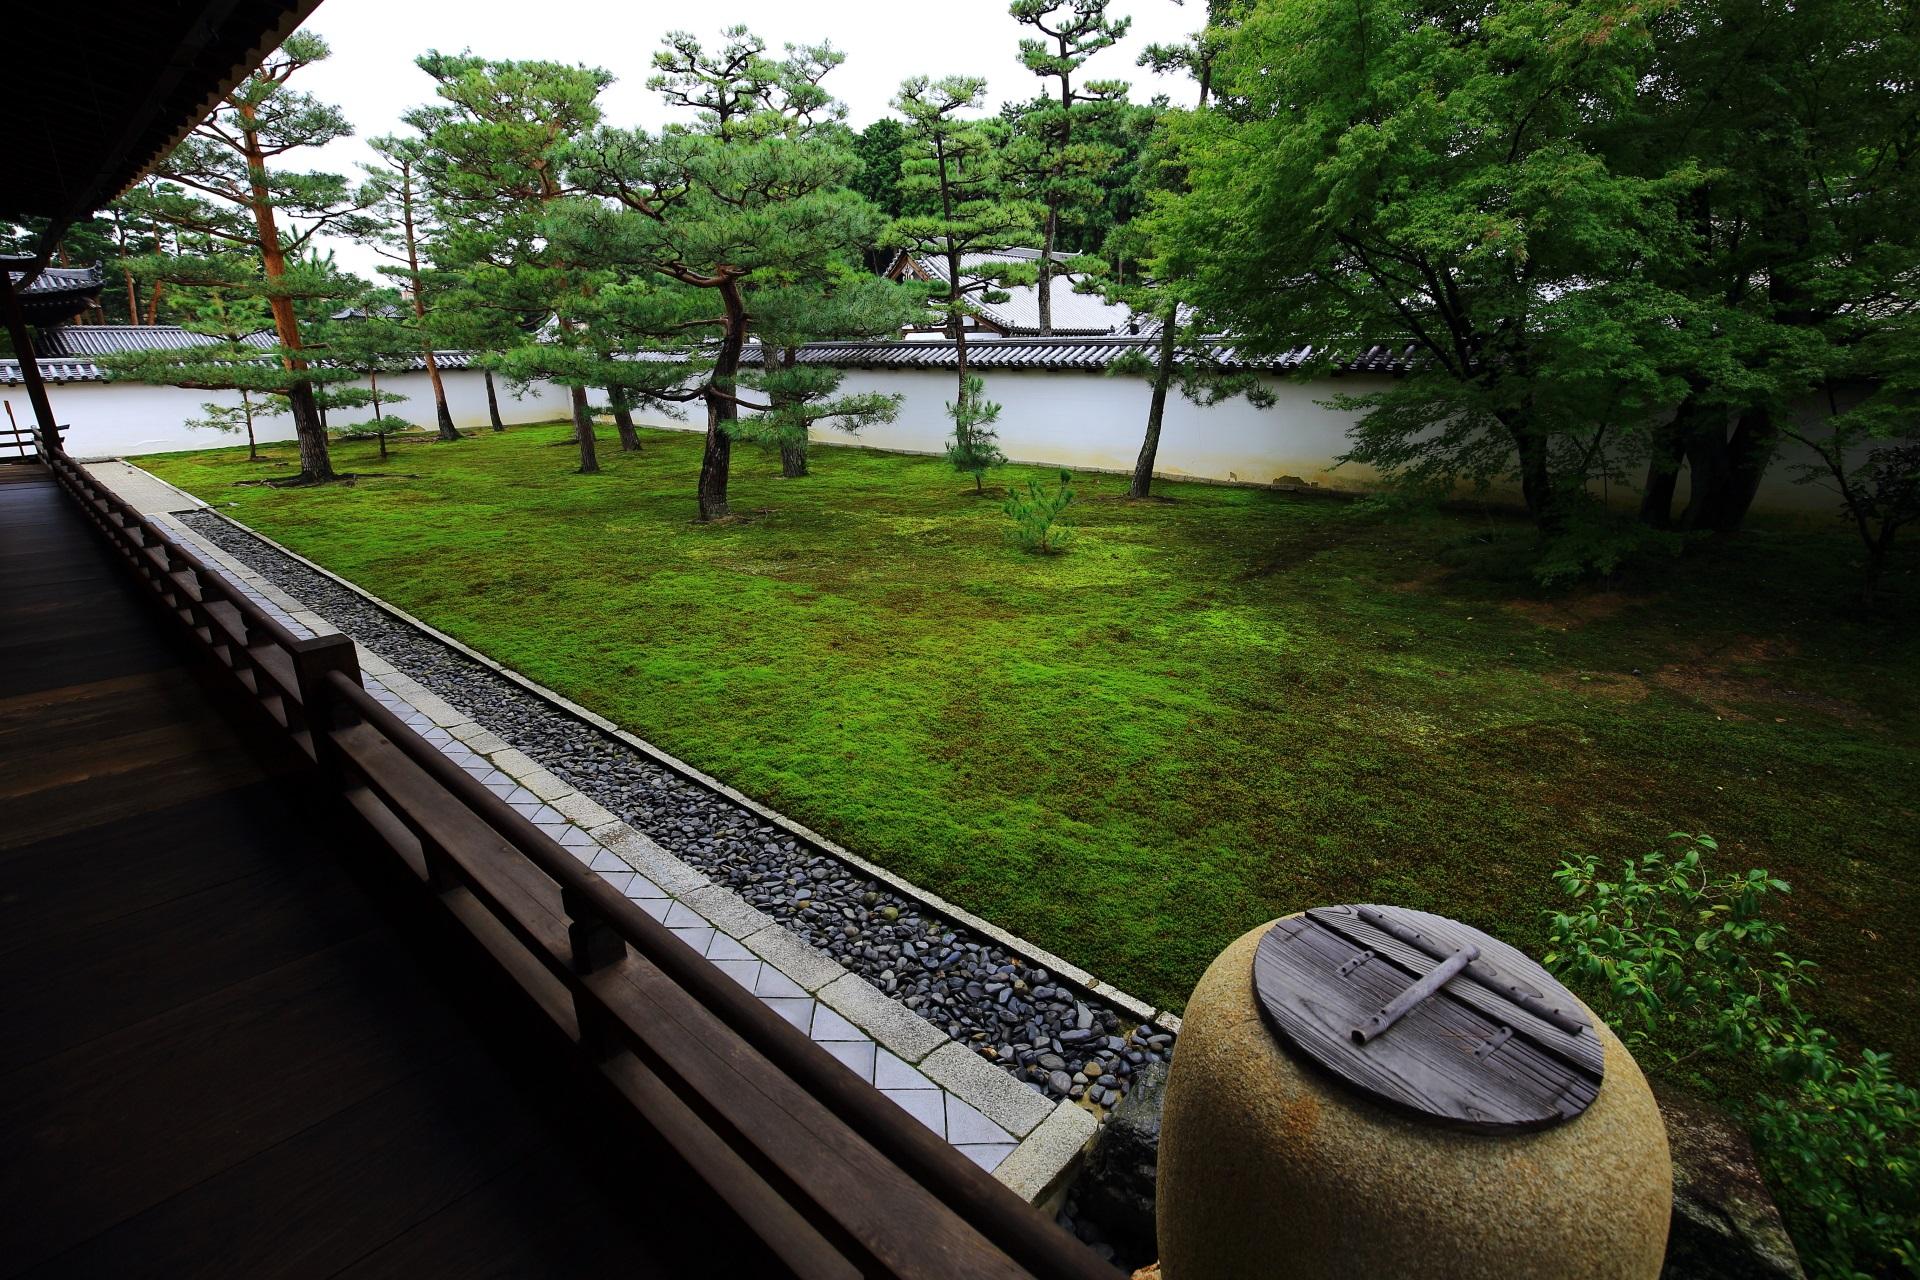 相国寺の方丈西側にある苔の庭園